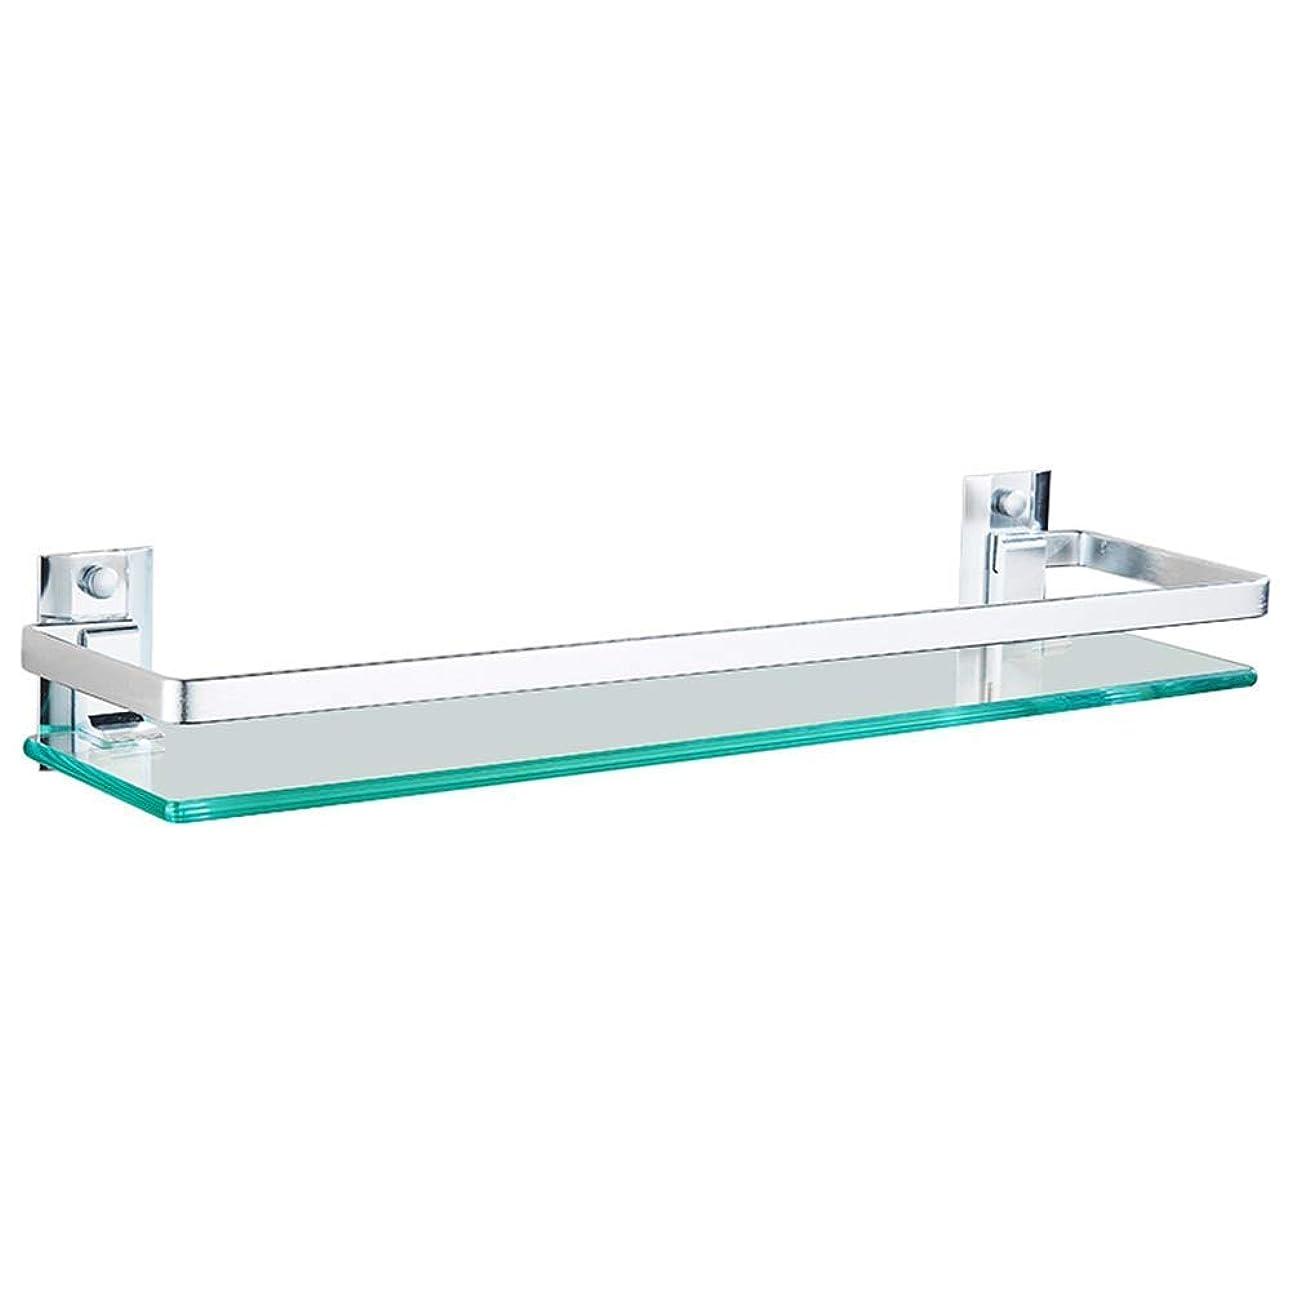 難破船対望むバスルームの棚シャワーオーガナイザー壁に取り付けられたパンチ無料強化ガラススペースアルミニウムタワーハンガートイレ1/2層、3サイズ